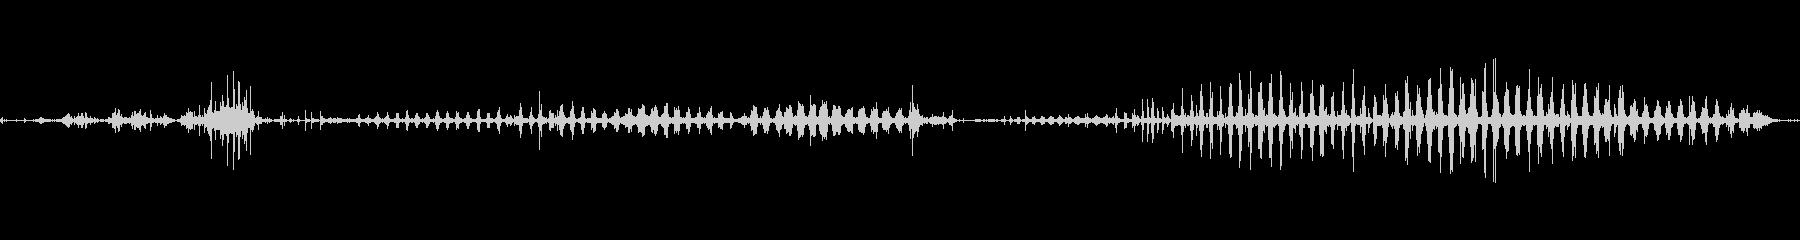 ピットブル犬のうなり声の未再生の波形